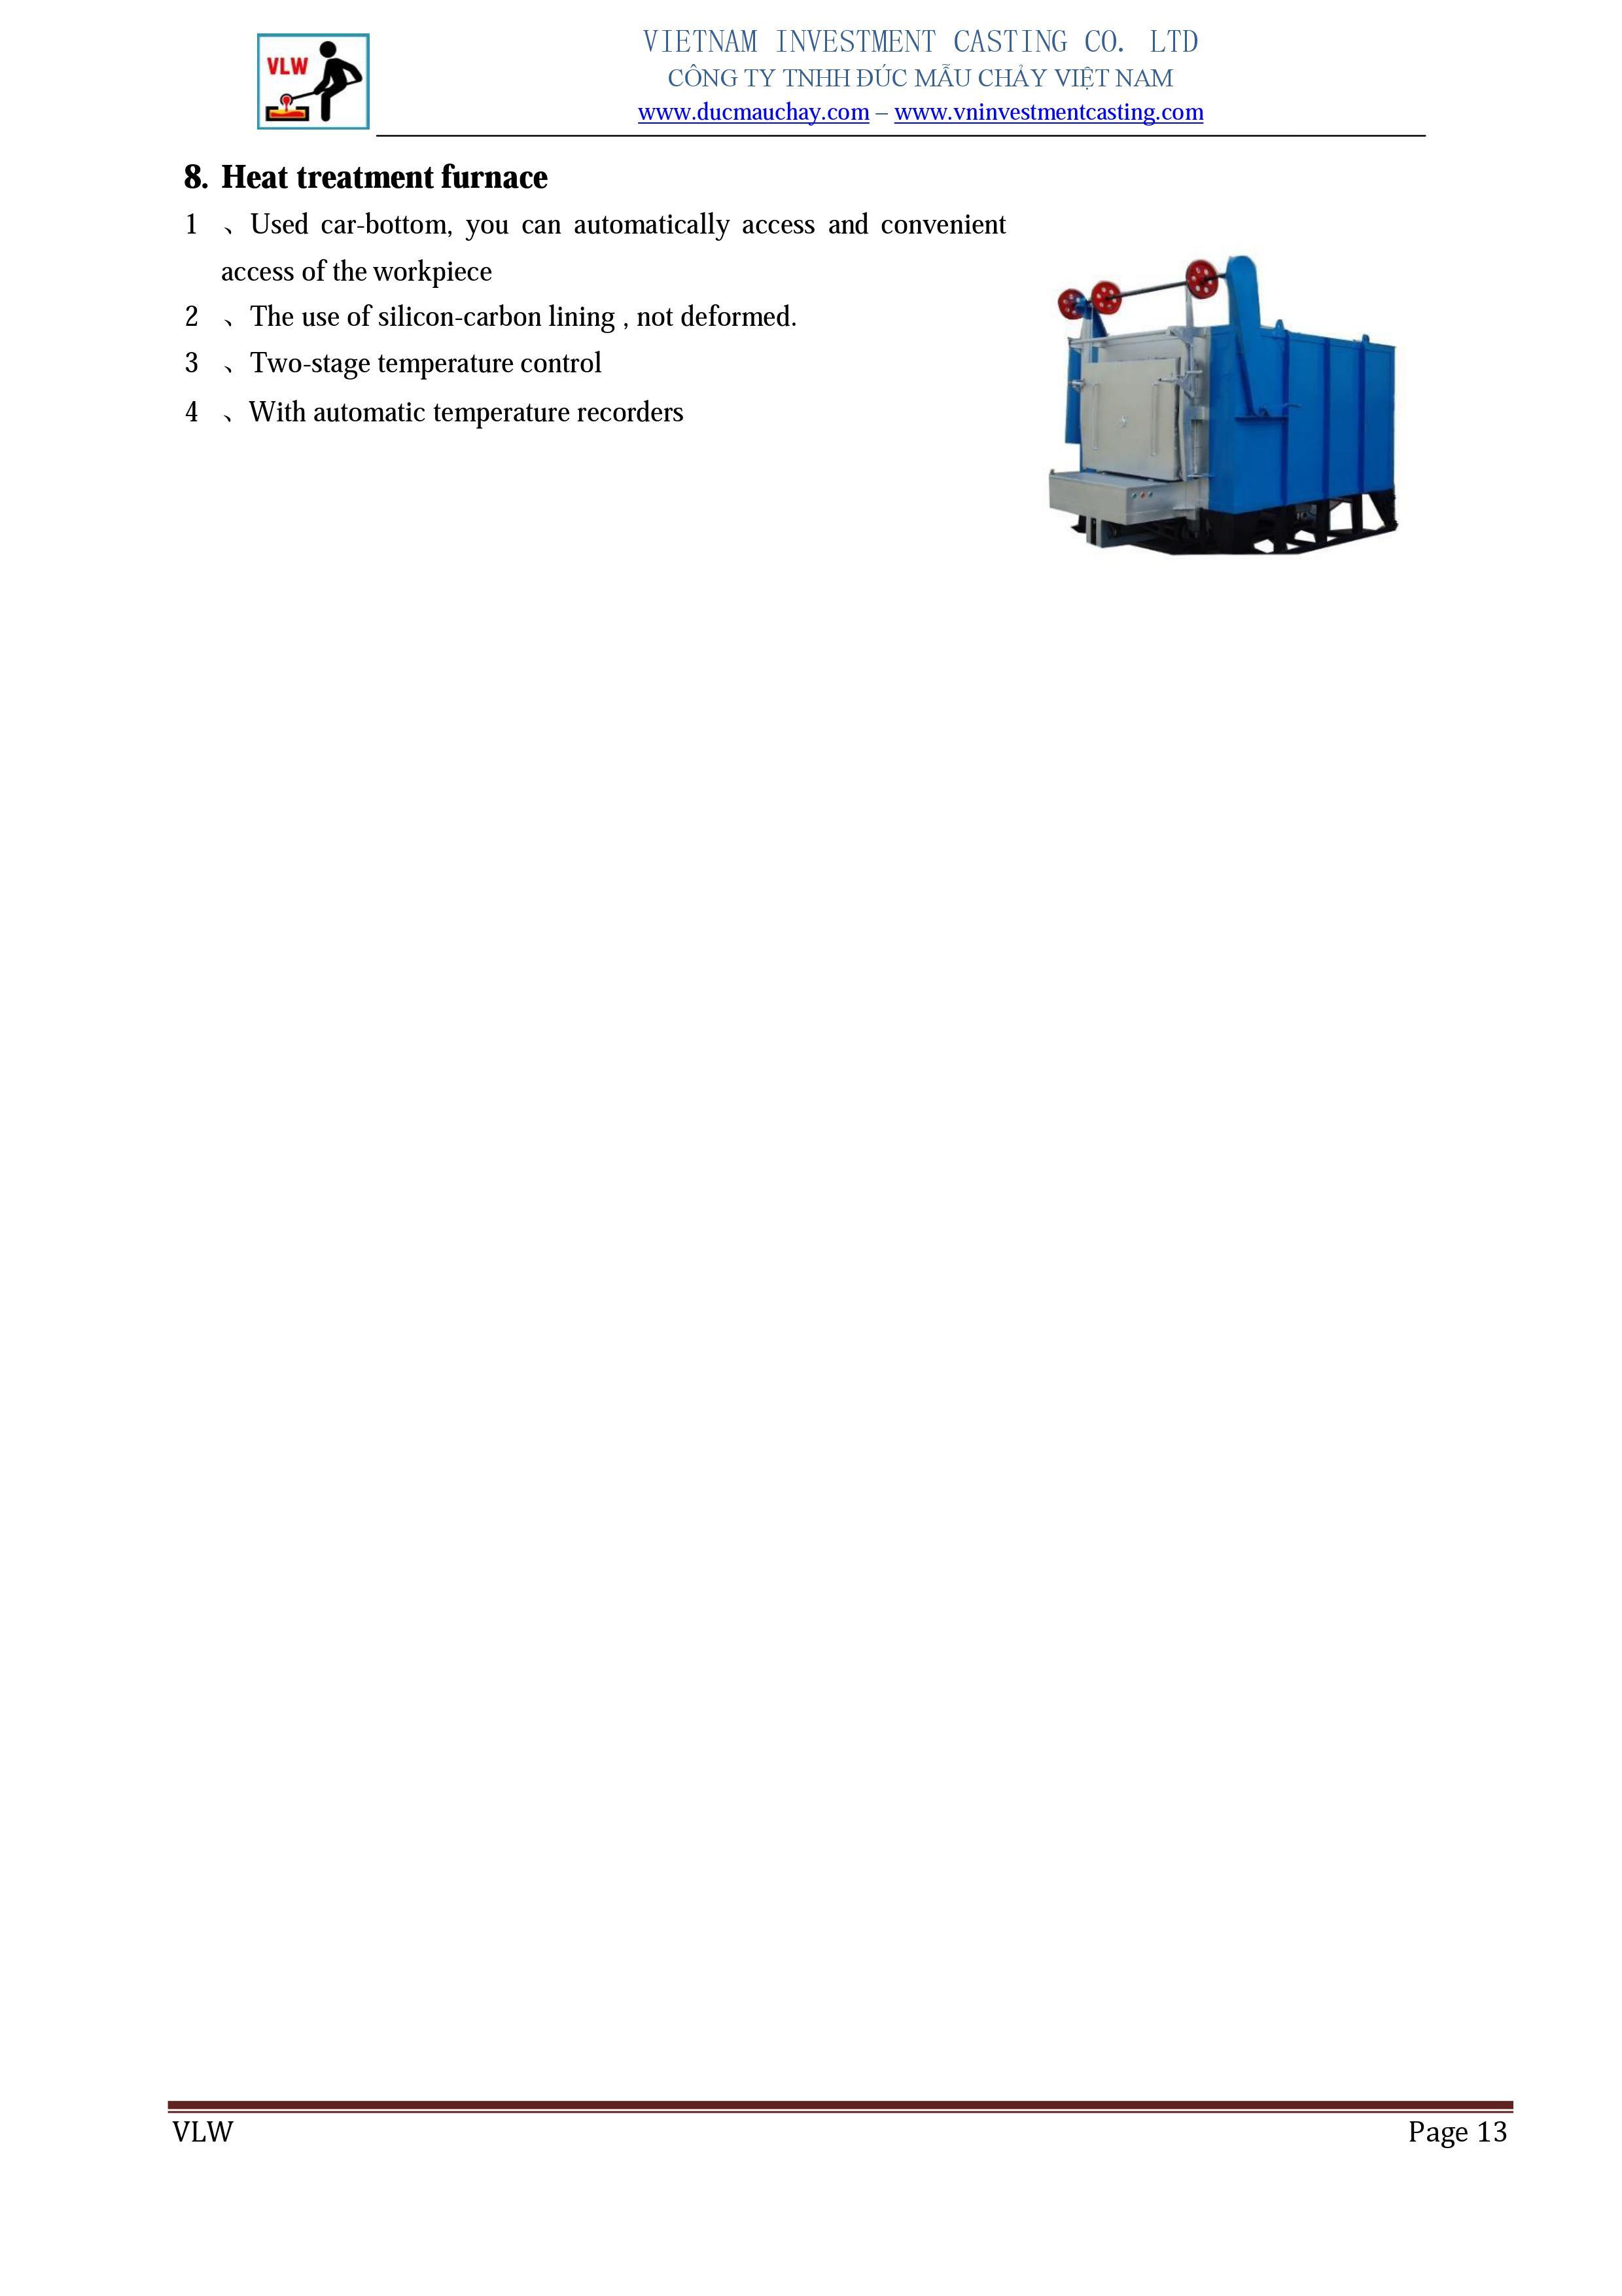 http://ducthep.vn//app/css/images/catalogue/14960270310b8f60e7c6c81f1d8e.jpg